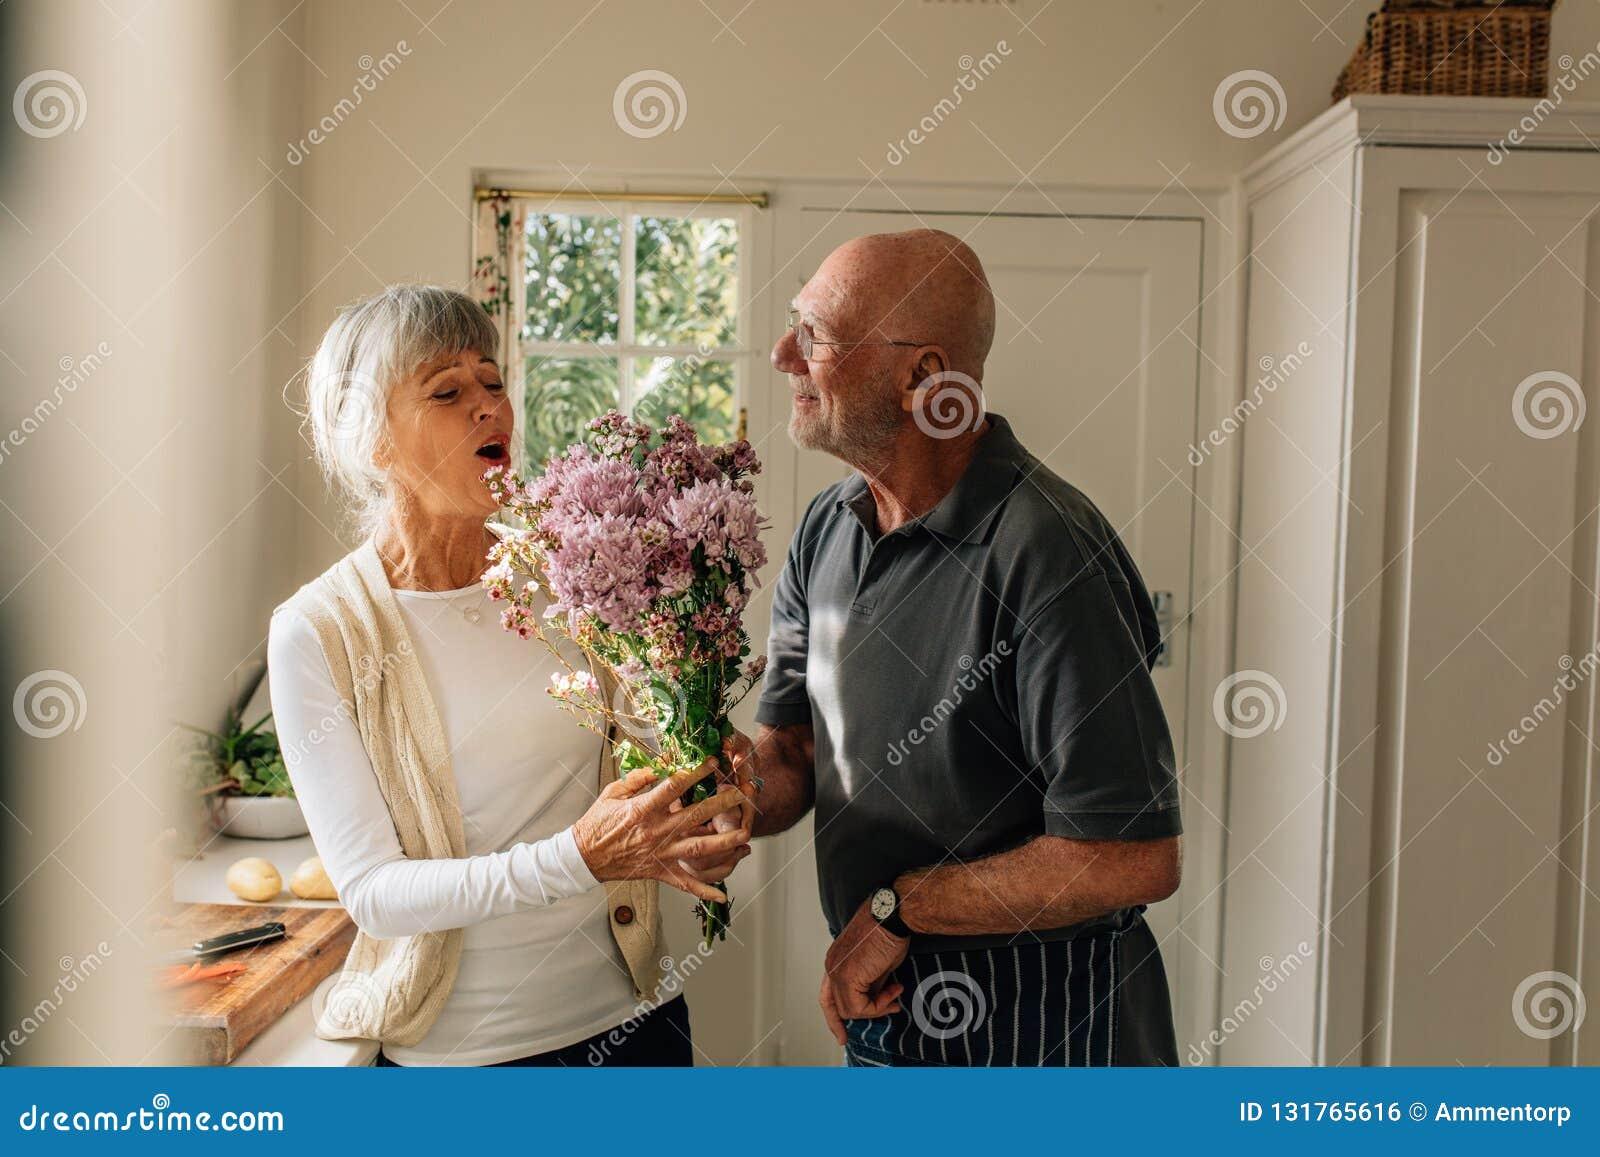 Mann, der seine Liebe für seine Frau zu Hause gibt ihr einen Blumenstrauß ausdrückt Ältere Frau glücklich, ihren Ehemann zu sehen